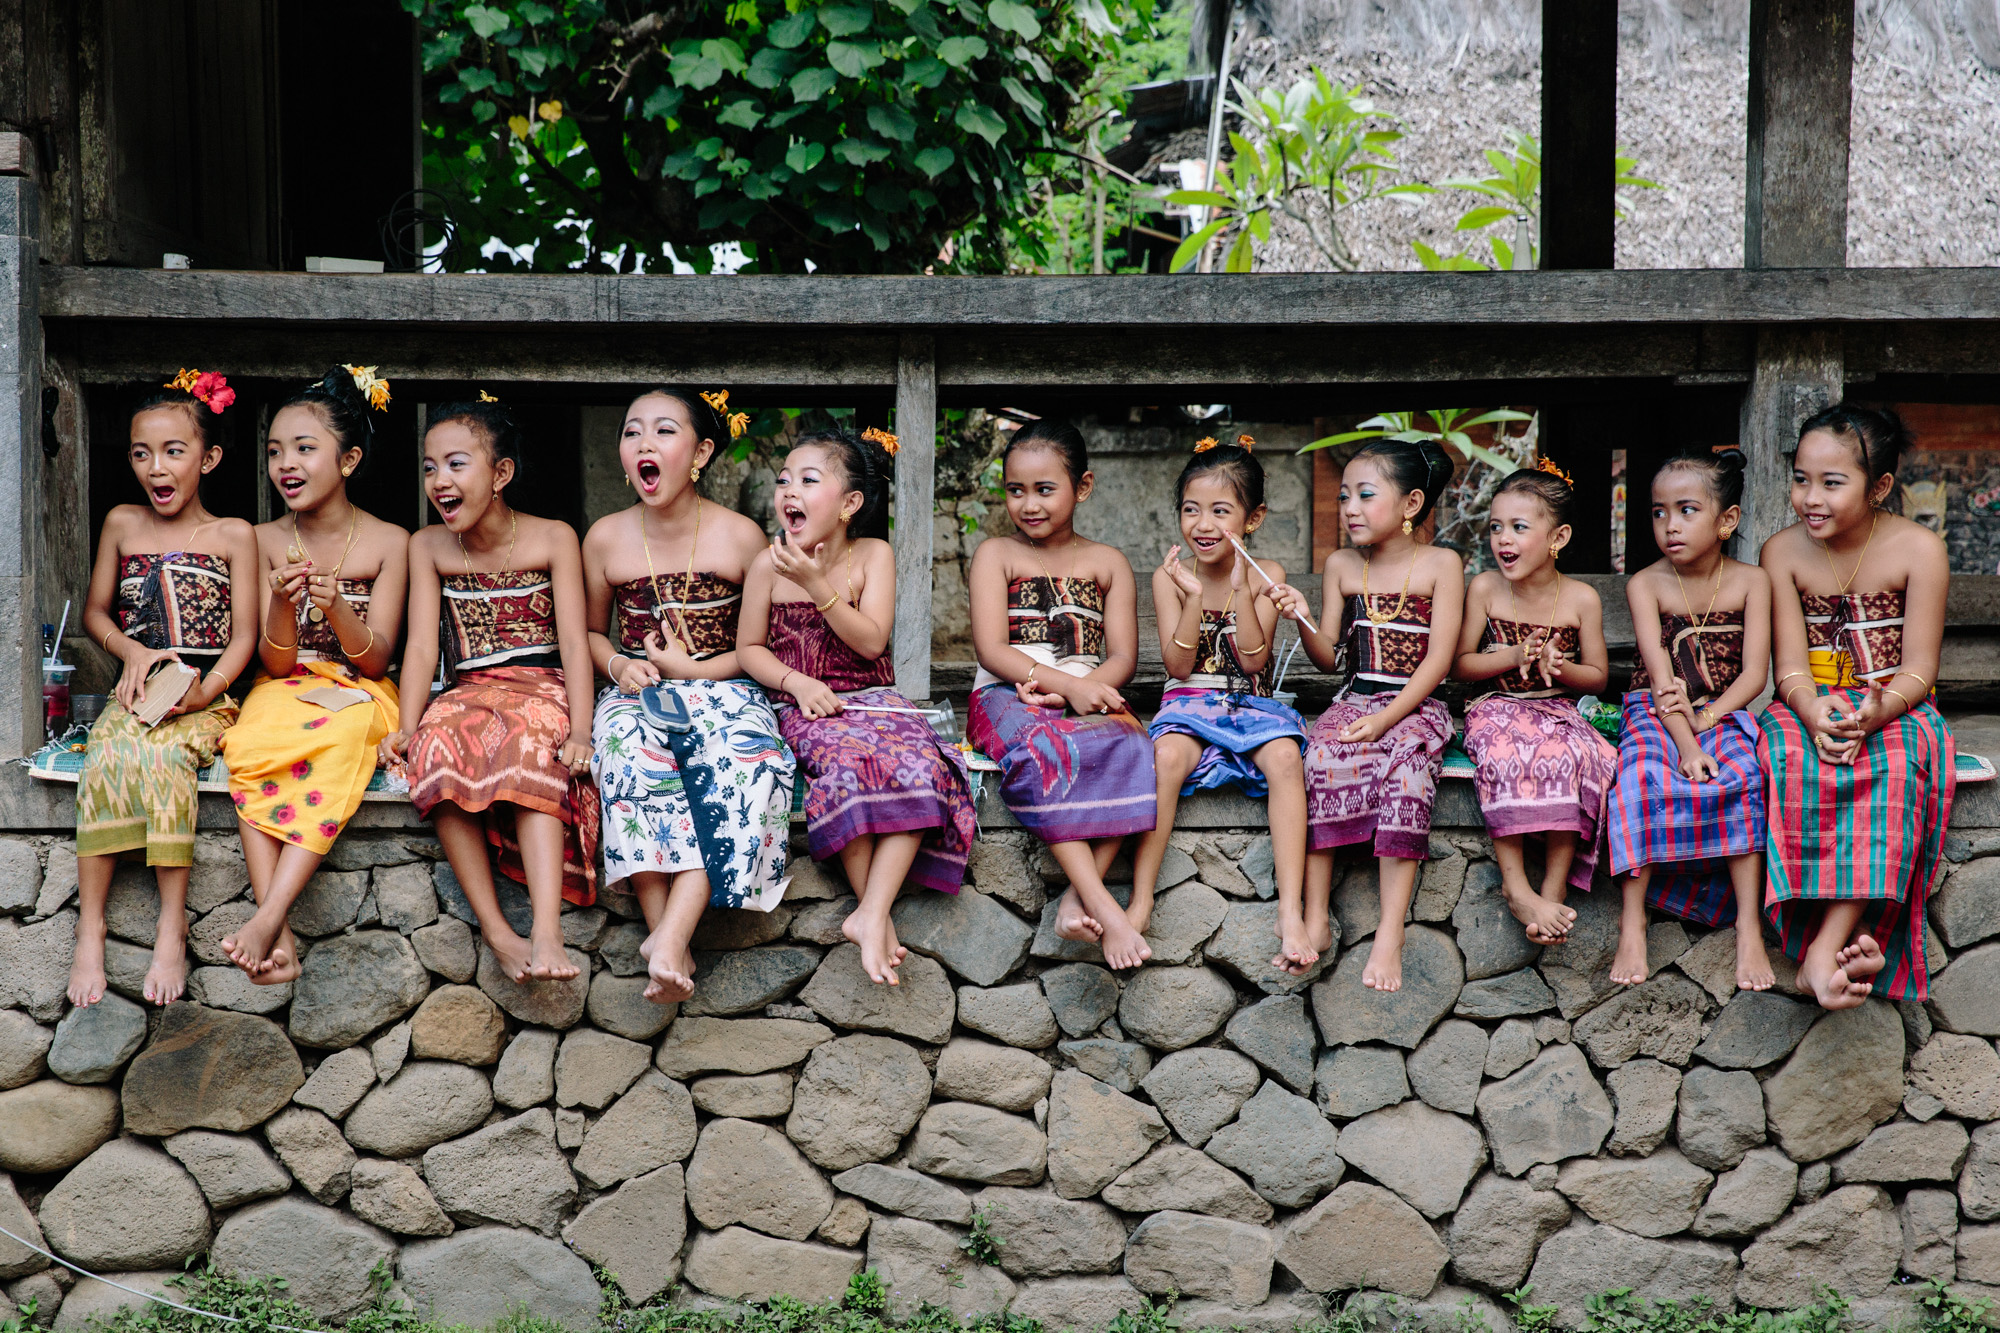 AGP_Bali_010.jpg